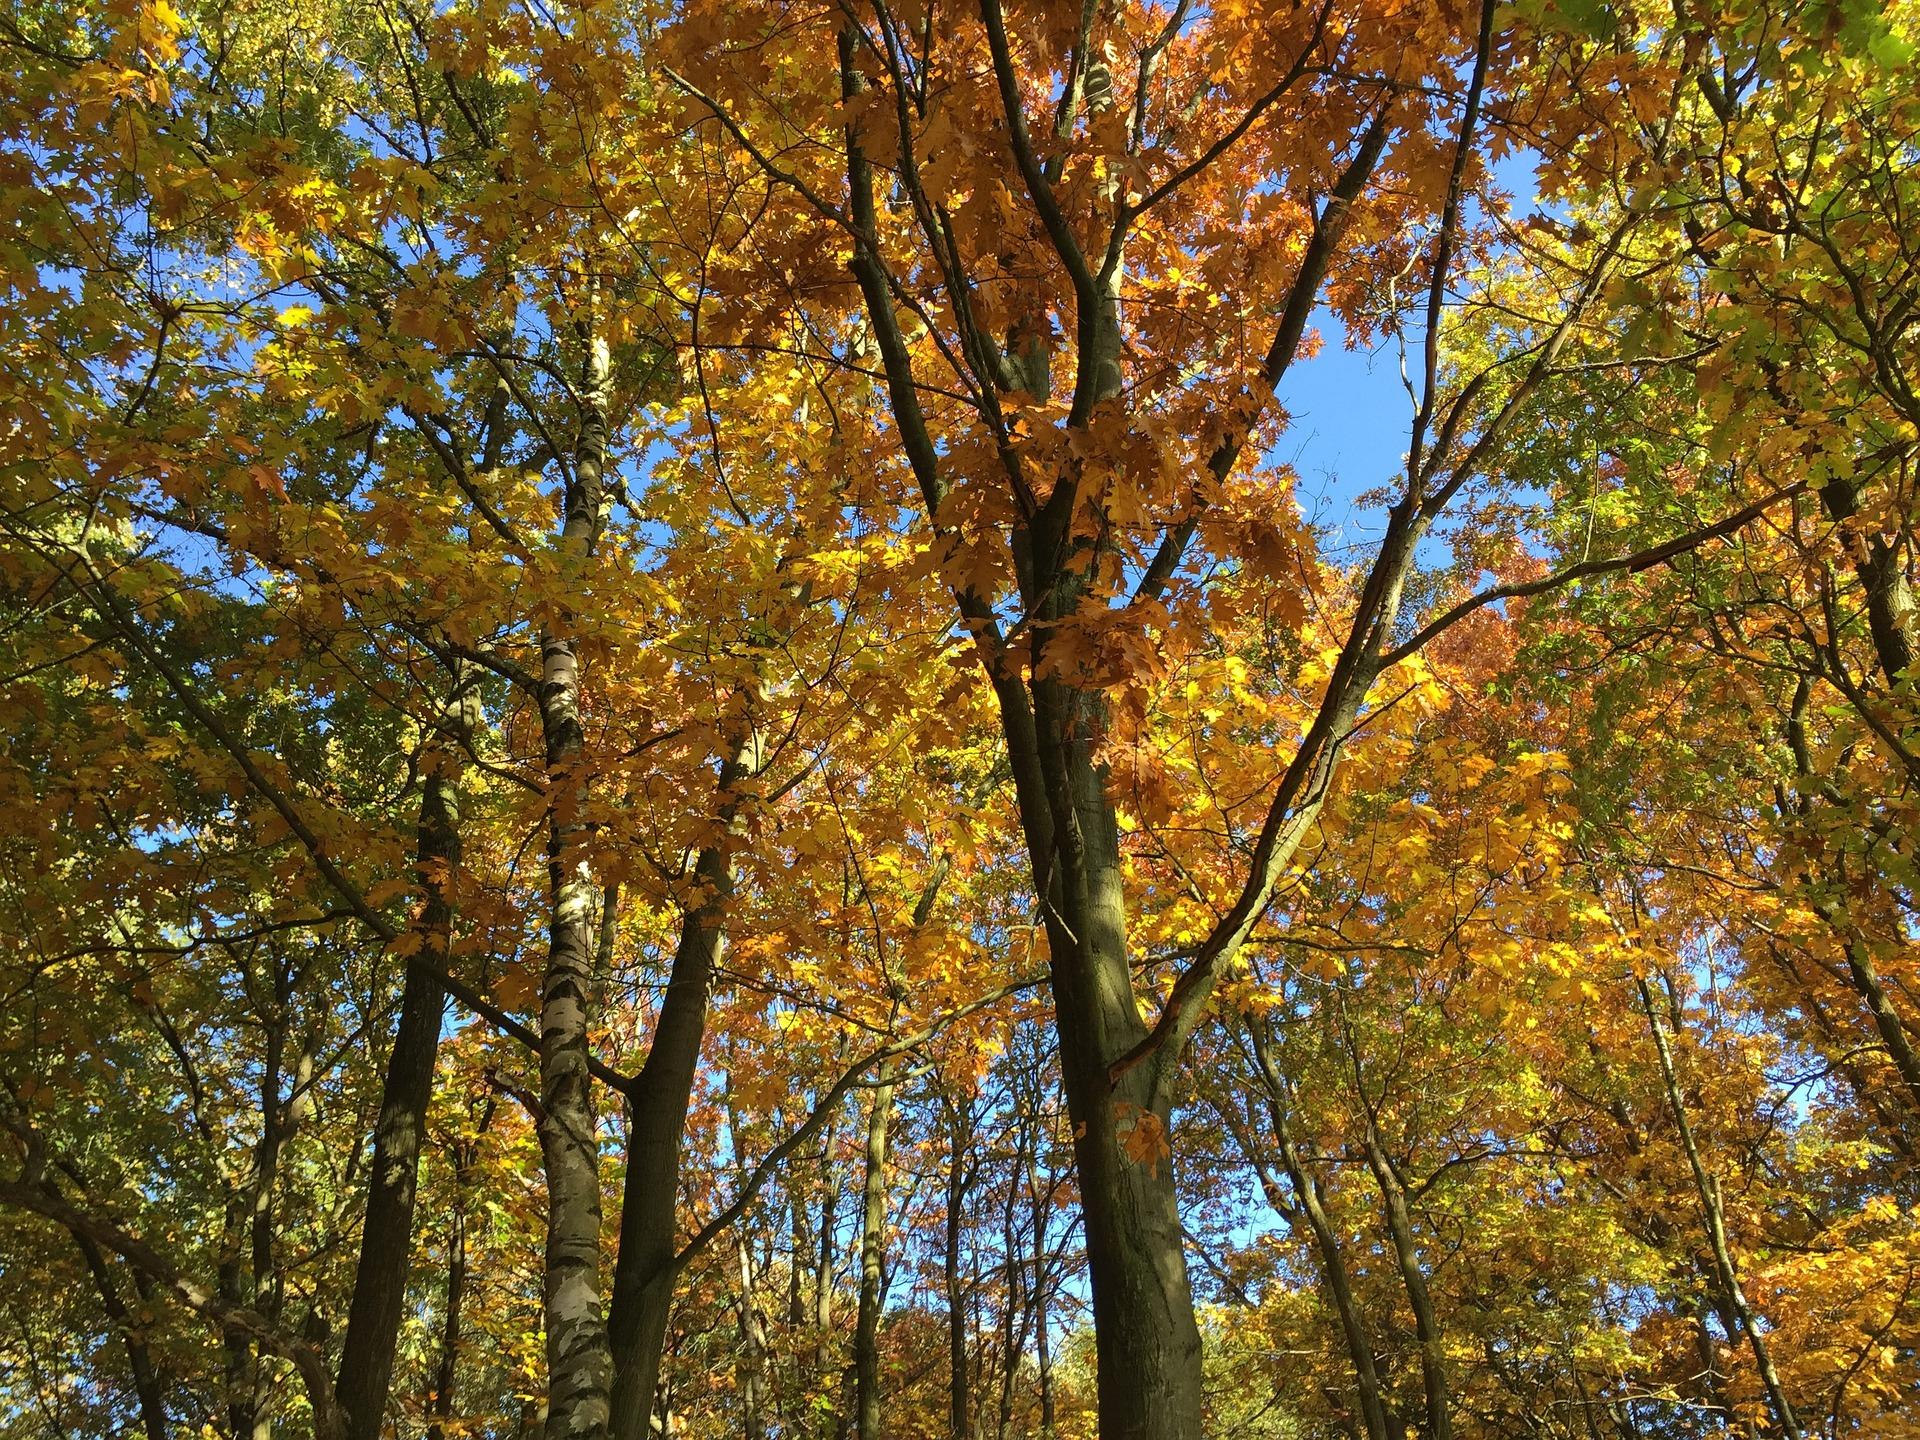 autumn-1747722_1920.jpg